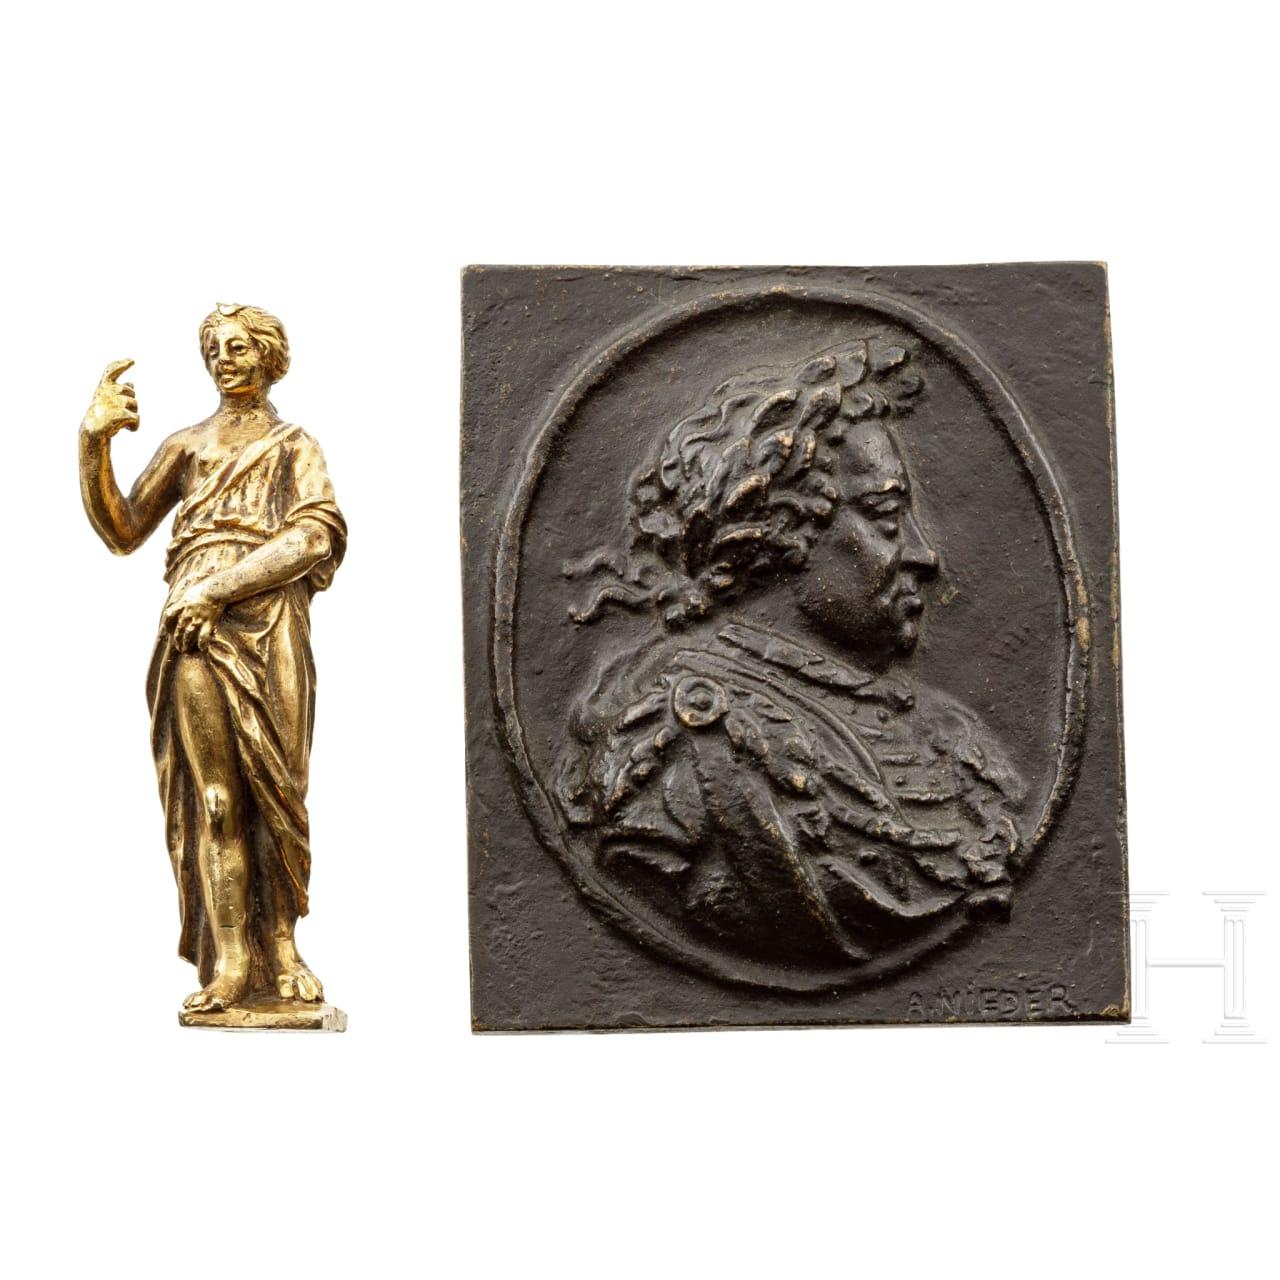 Bronzeplakette und Figur, deutsch, 17. Jhdt.